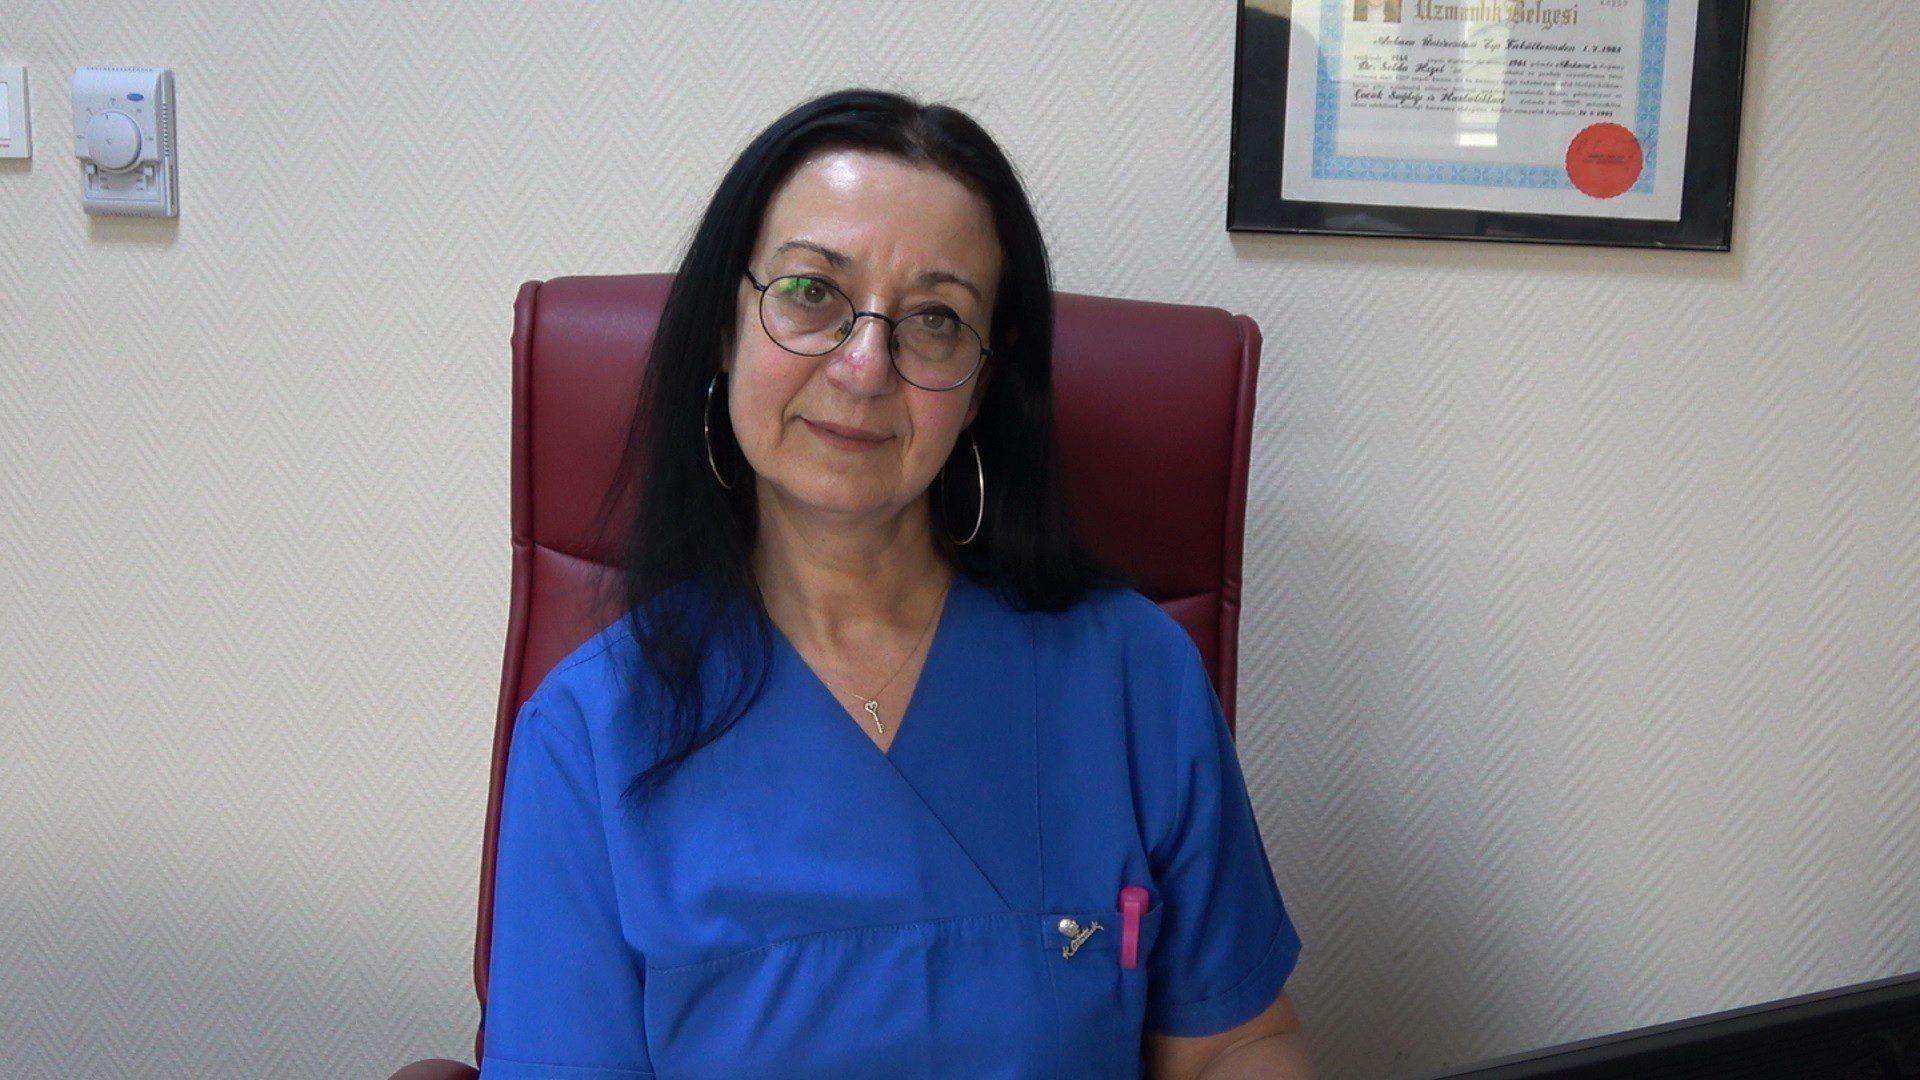 kırıkkale - Oruç Tutmak Vücuttaki Gereksiz Hücreleri Temizliyor